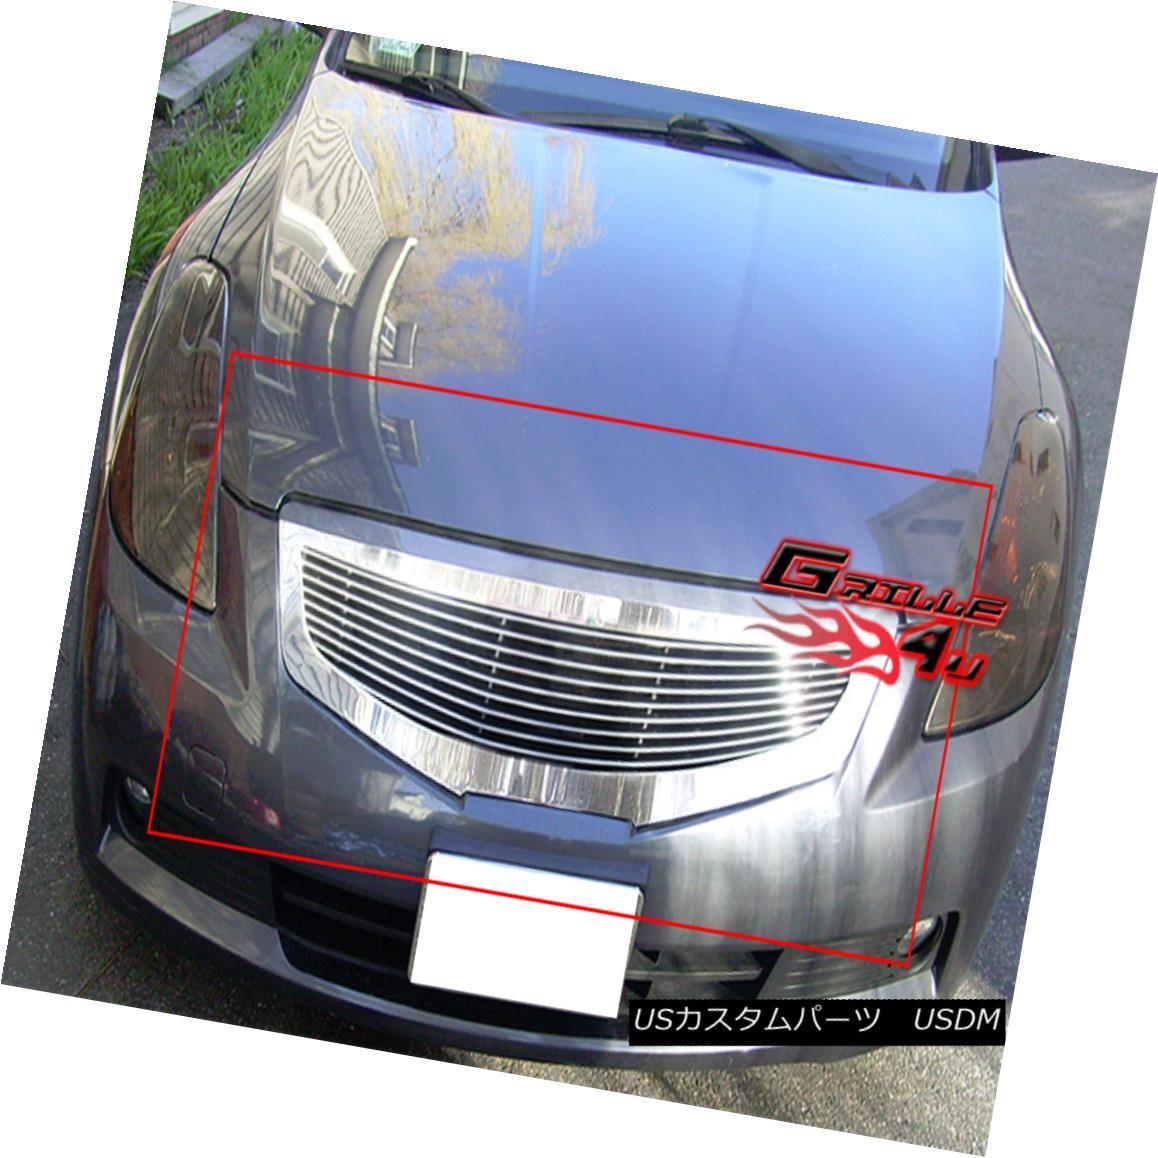 グリル Fits 2007-2009 Nissan Altima Billet Grille Insert フィット2007-2009日産アルティマビレットグリルインサート